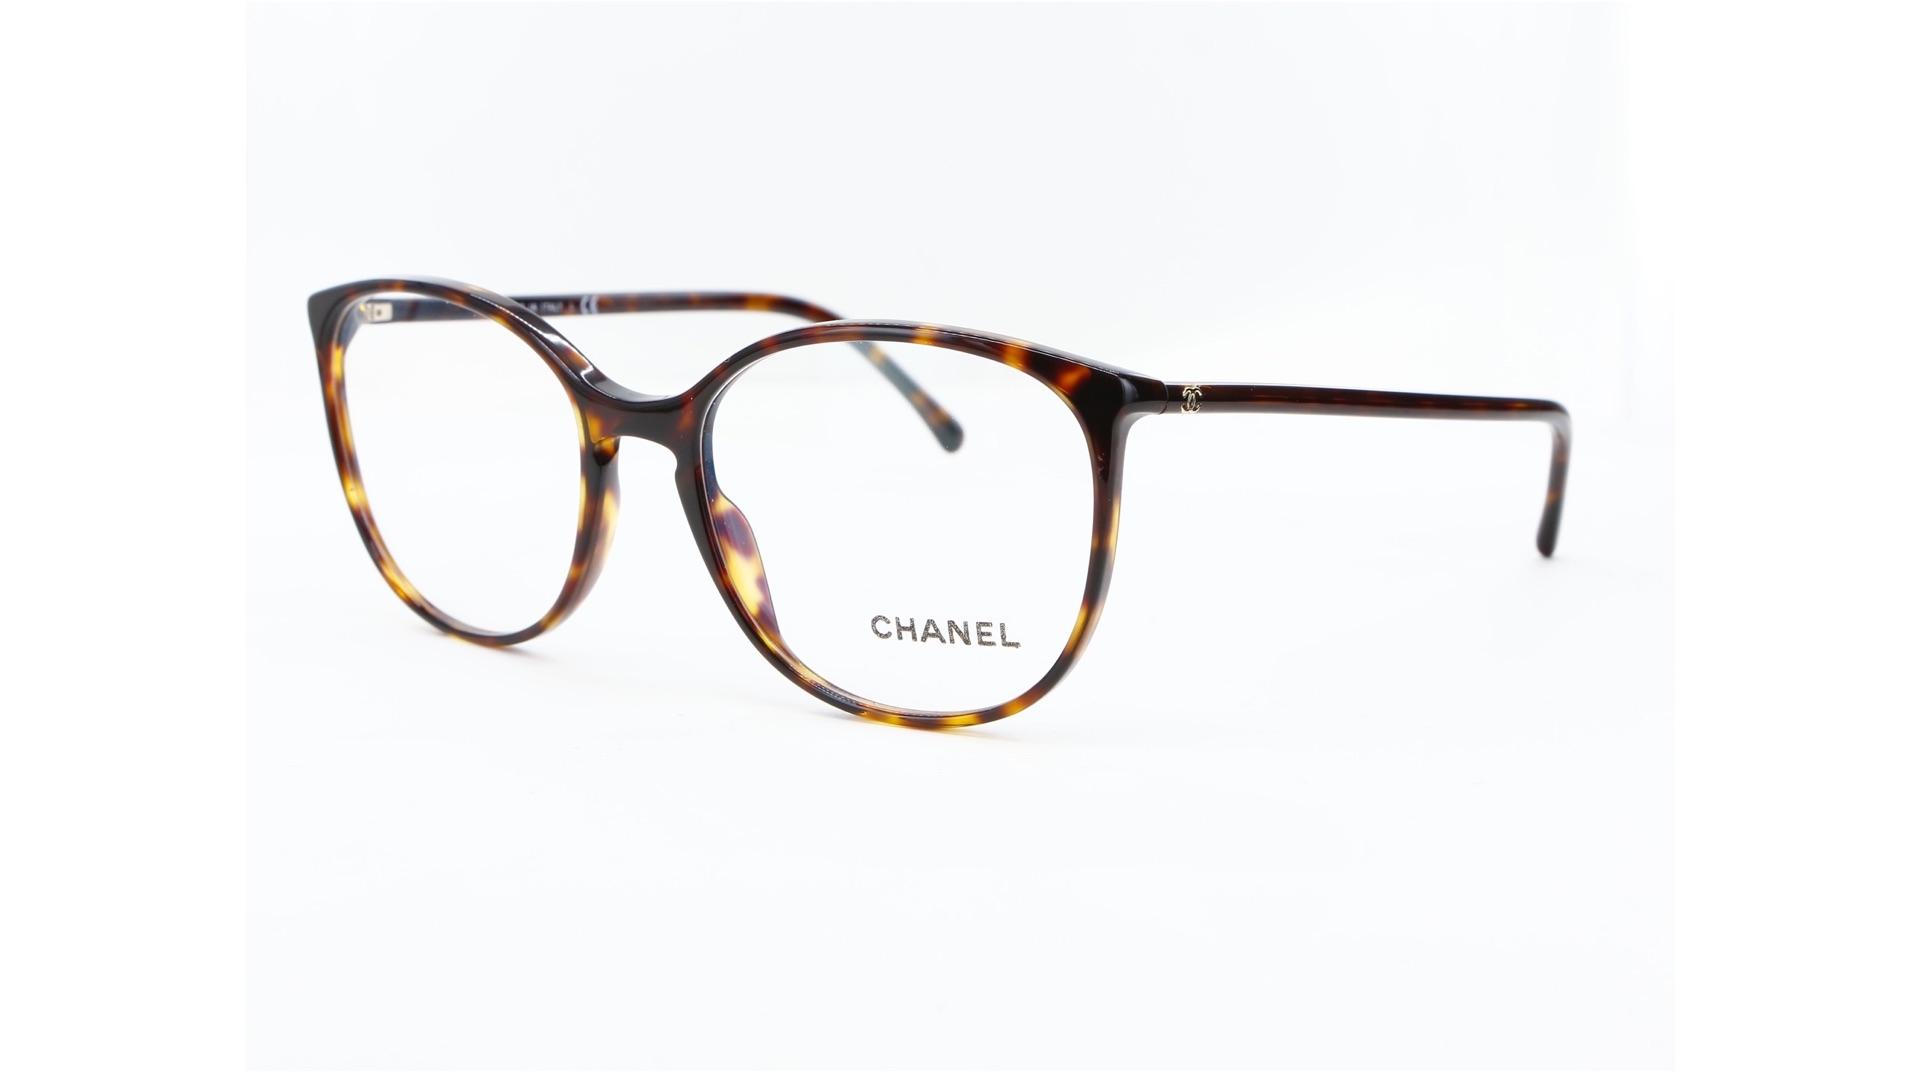 Chanel - ref: 80710